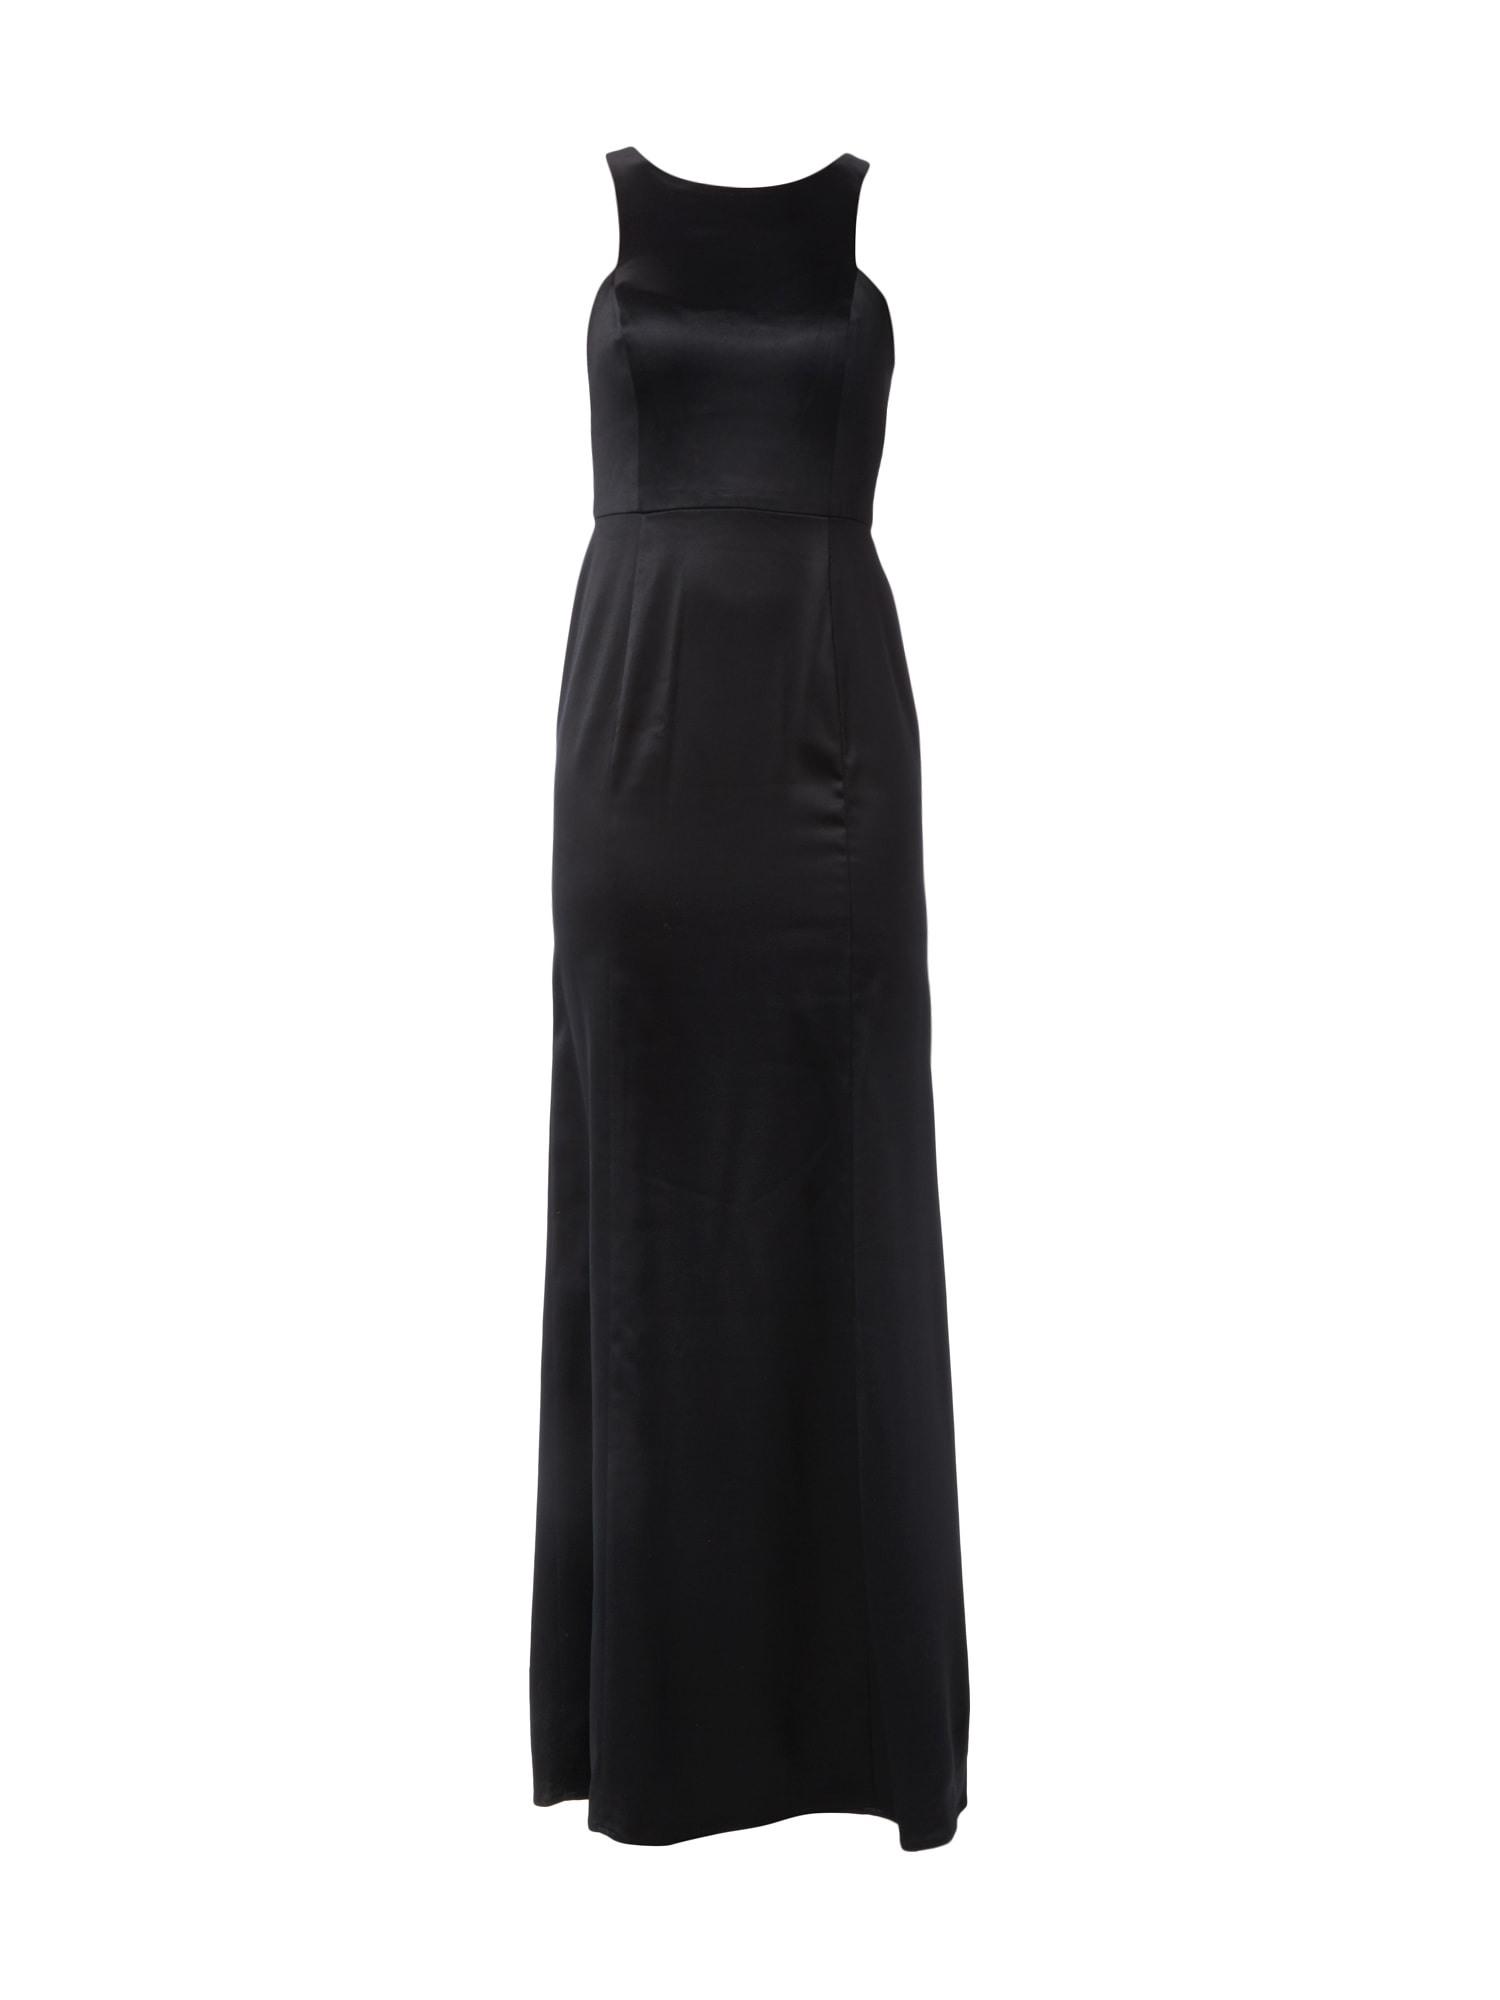 Einfach Damen Abendkleider Günstig StylishDesigner Ausgezeichnet Damen Abendkleider Günstig Design